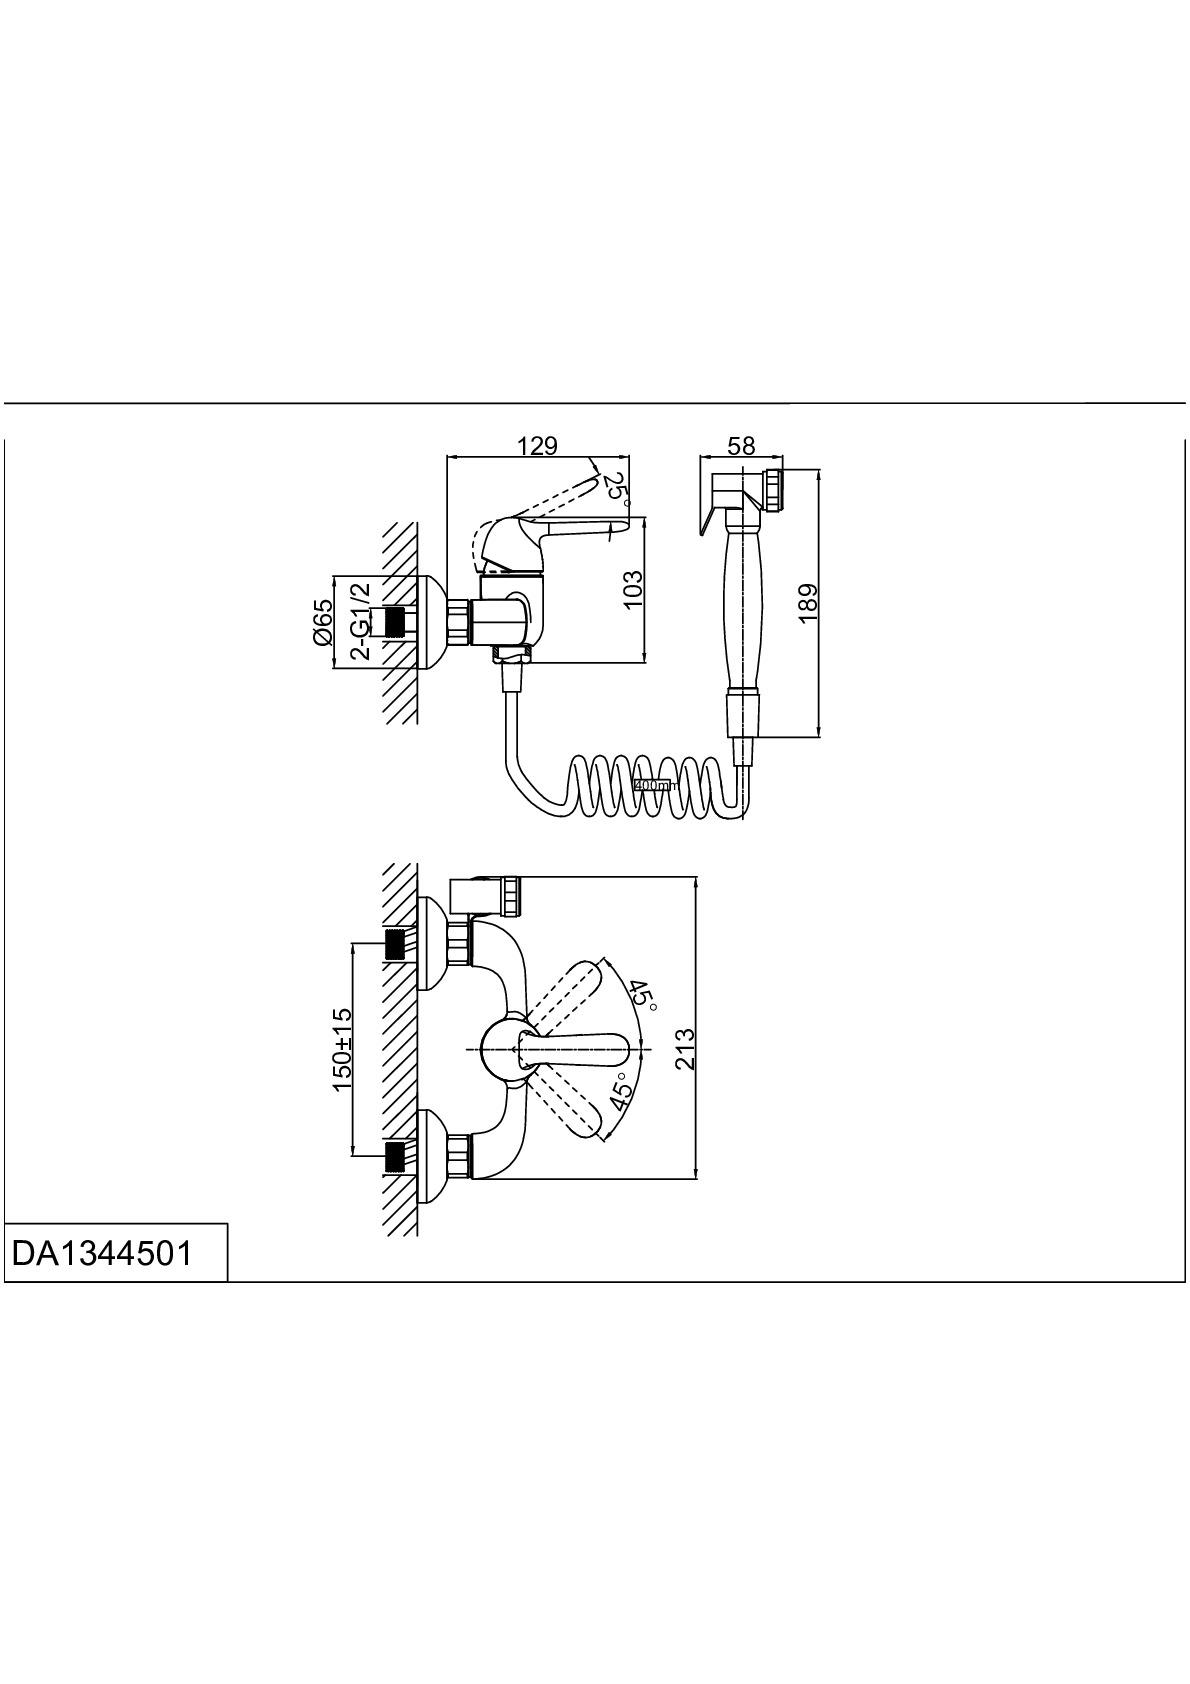 Смеситель для душа D&K Rhein.Ambrosius DA1344501 с гигиеническим душем хром